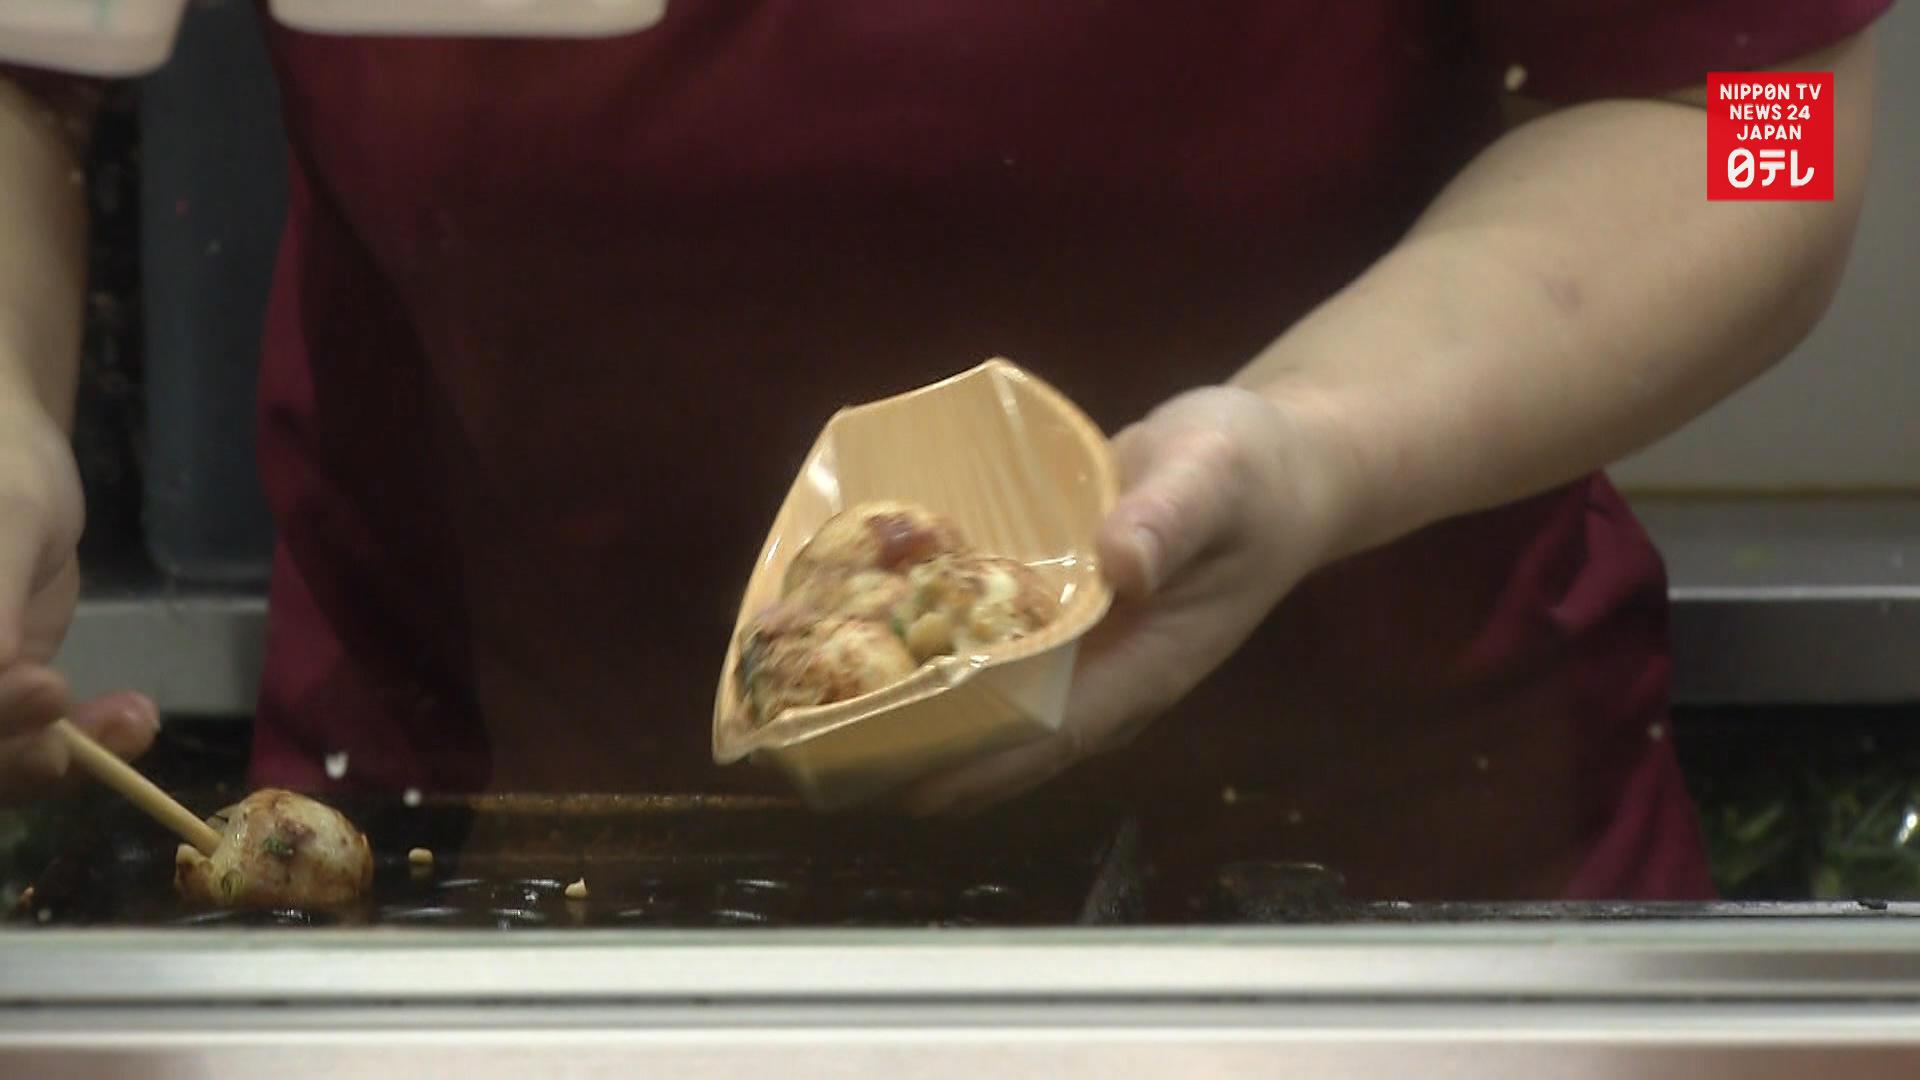 Osaka takoyaki spot hid $1.3 mil. in income